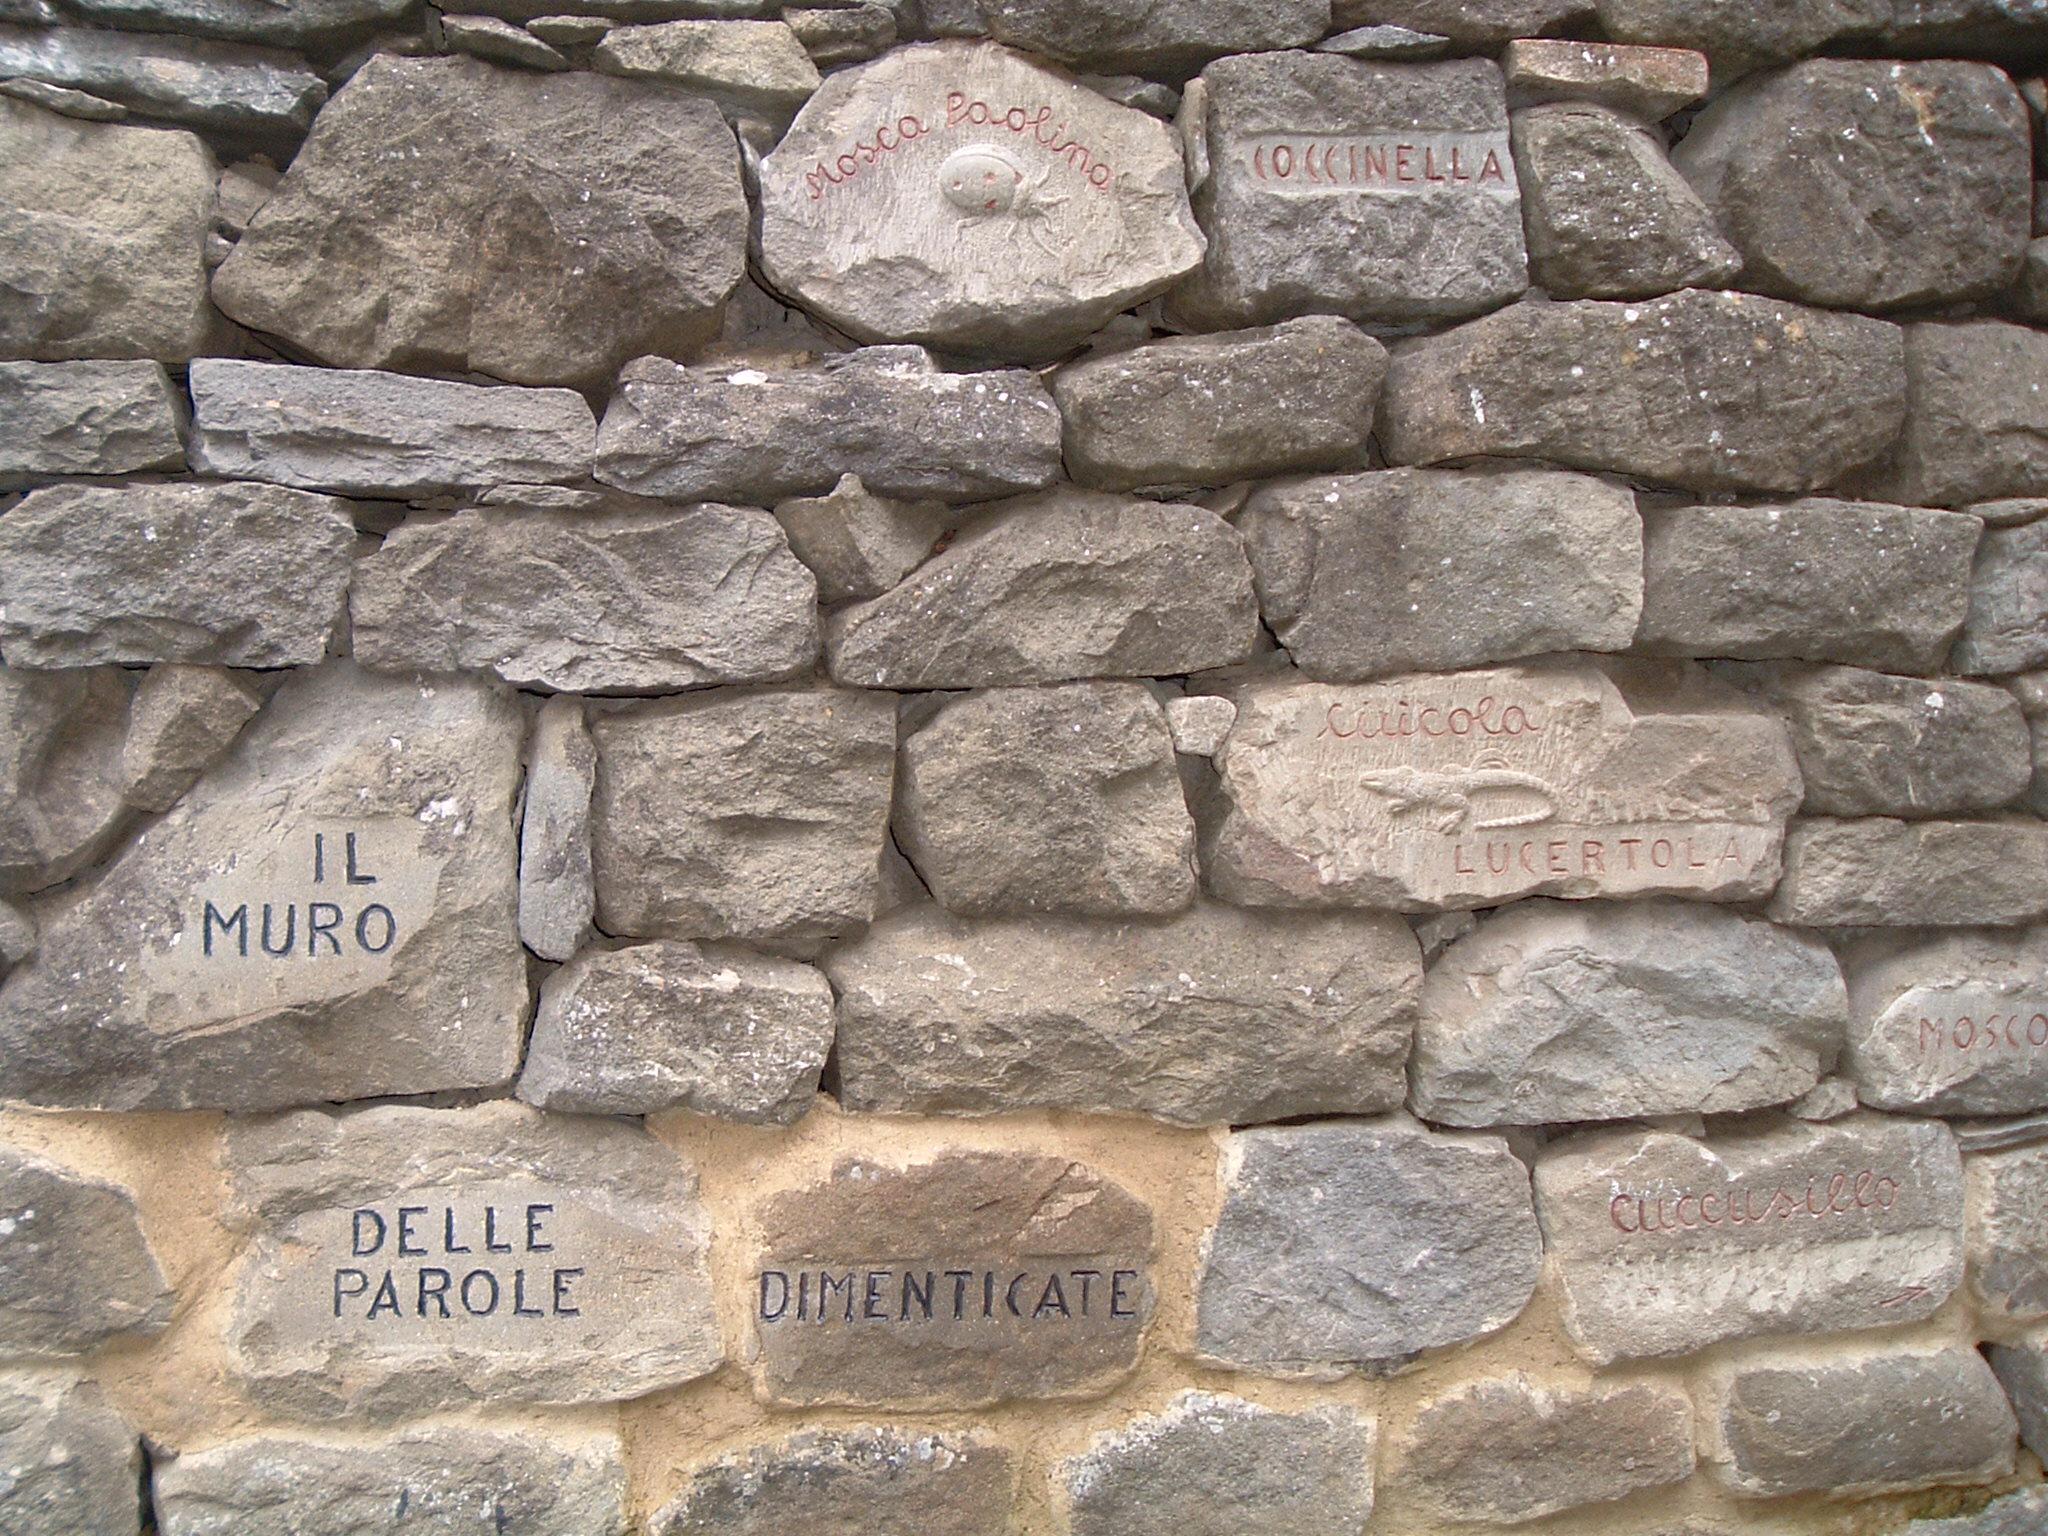 il muro delle parole dimenticate